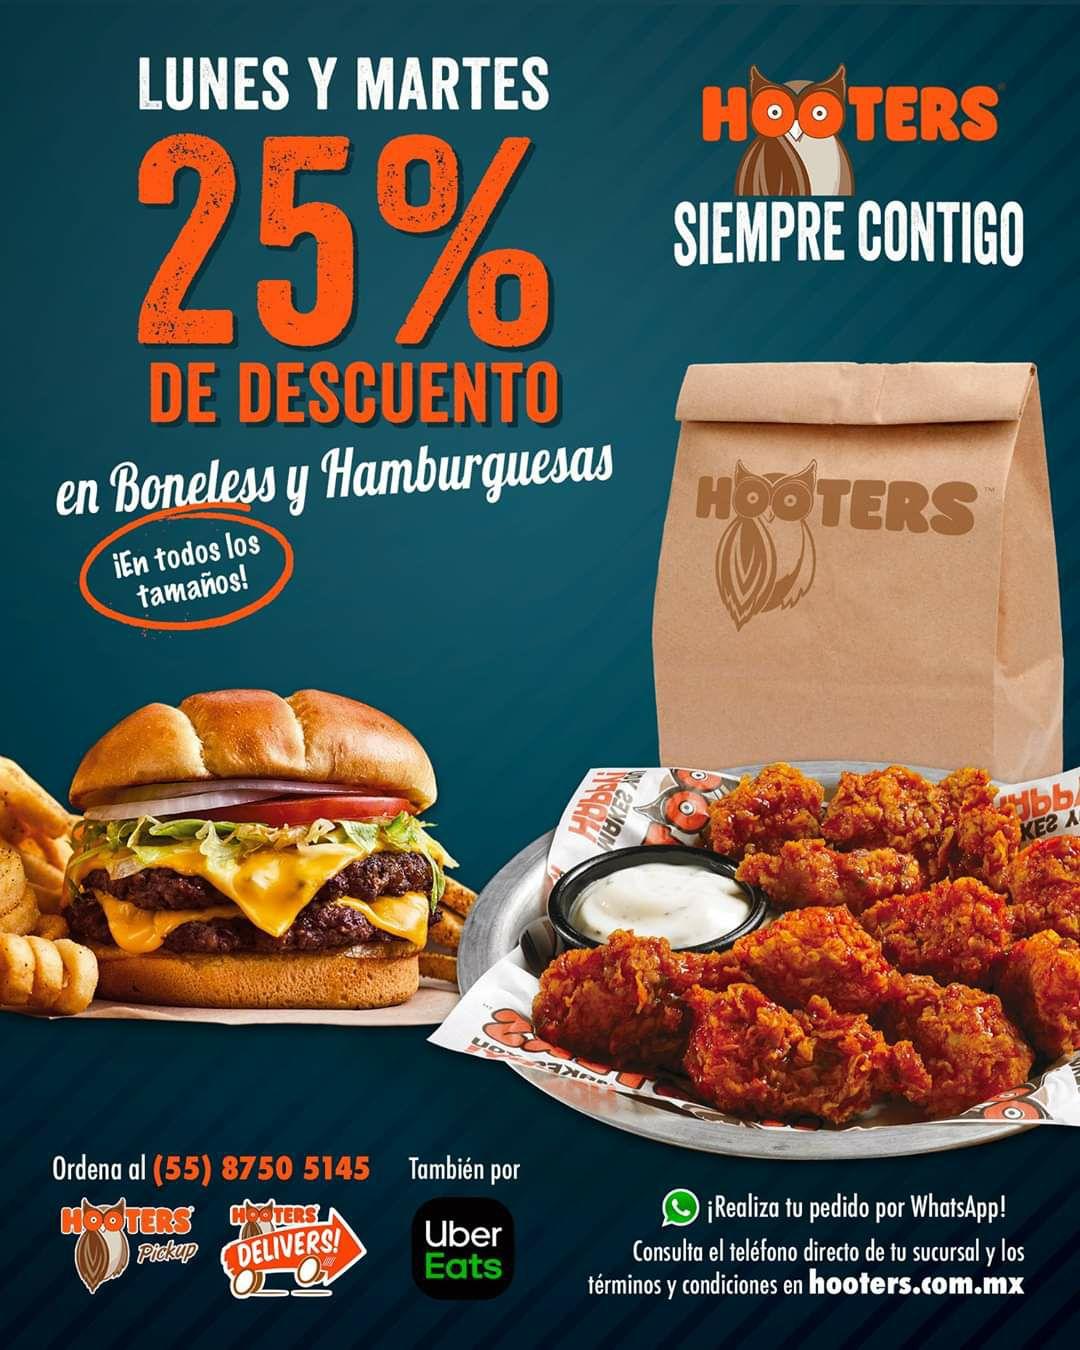 Hooters: Lunes y martes de 25% de descuento en boneless y hamburguesas